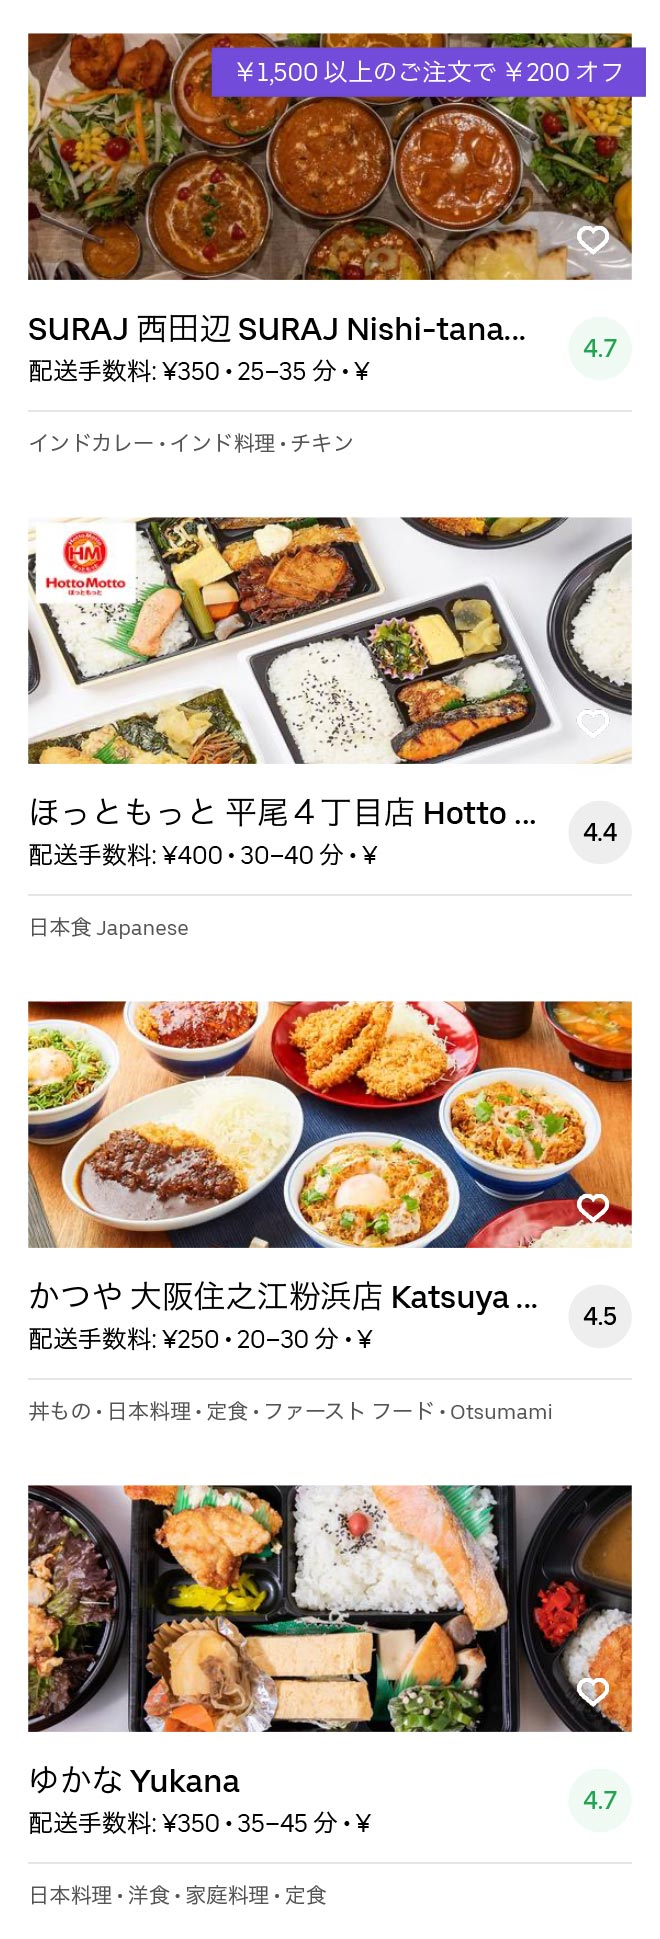 Osaka suminoe menu 2005 06